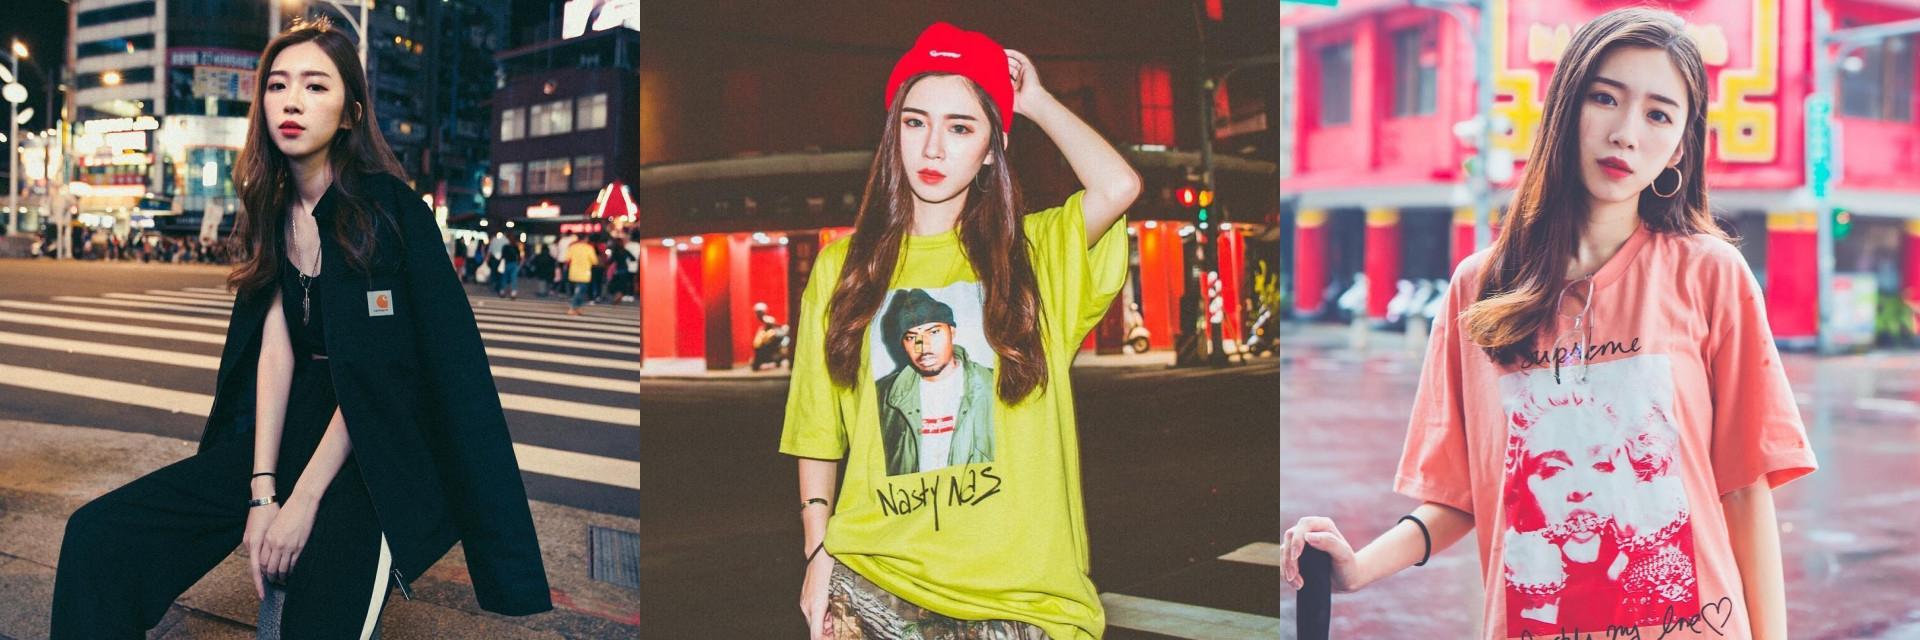 【潮妹一週間】潮牌也能穿出女人味!潮店御用模特 Sunny 全身 Supreme 但最愛的還是這個日系品牌!